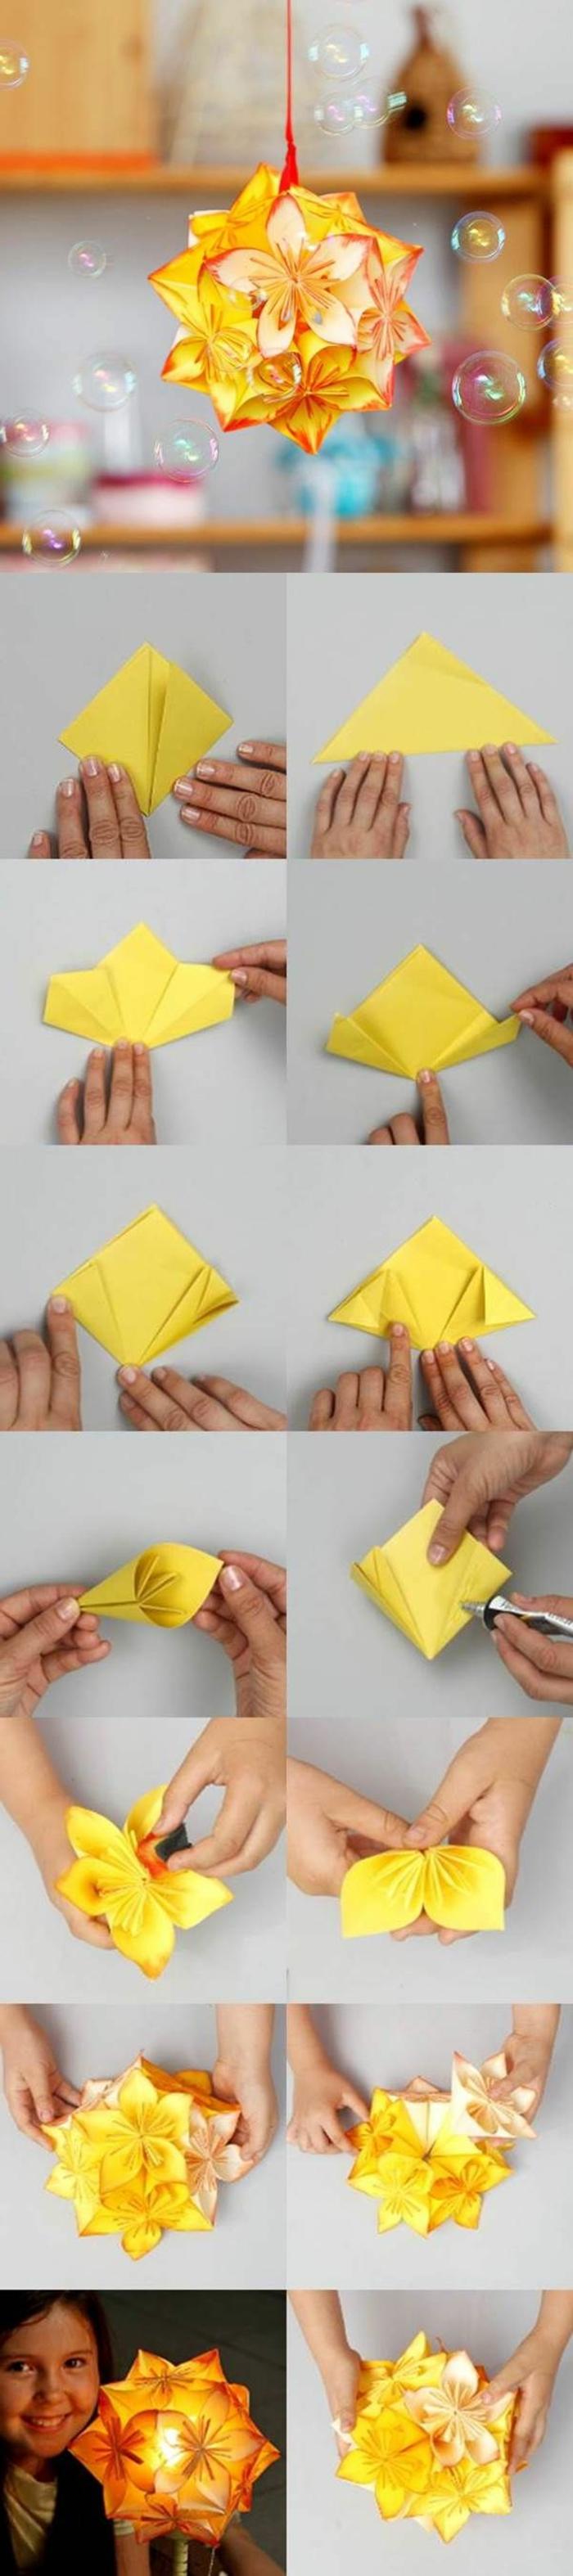 1-pliage-origami-facile-joli-fleur-orange-en-forme-de-fleur-orange-joli-fleur-orange